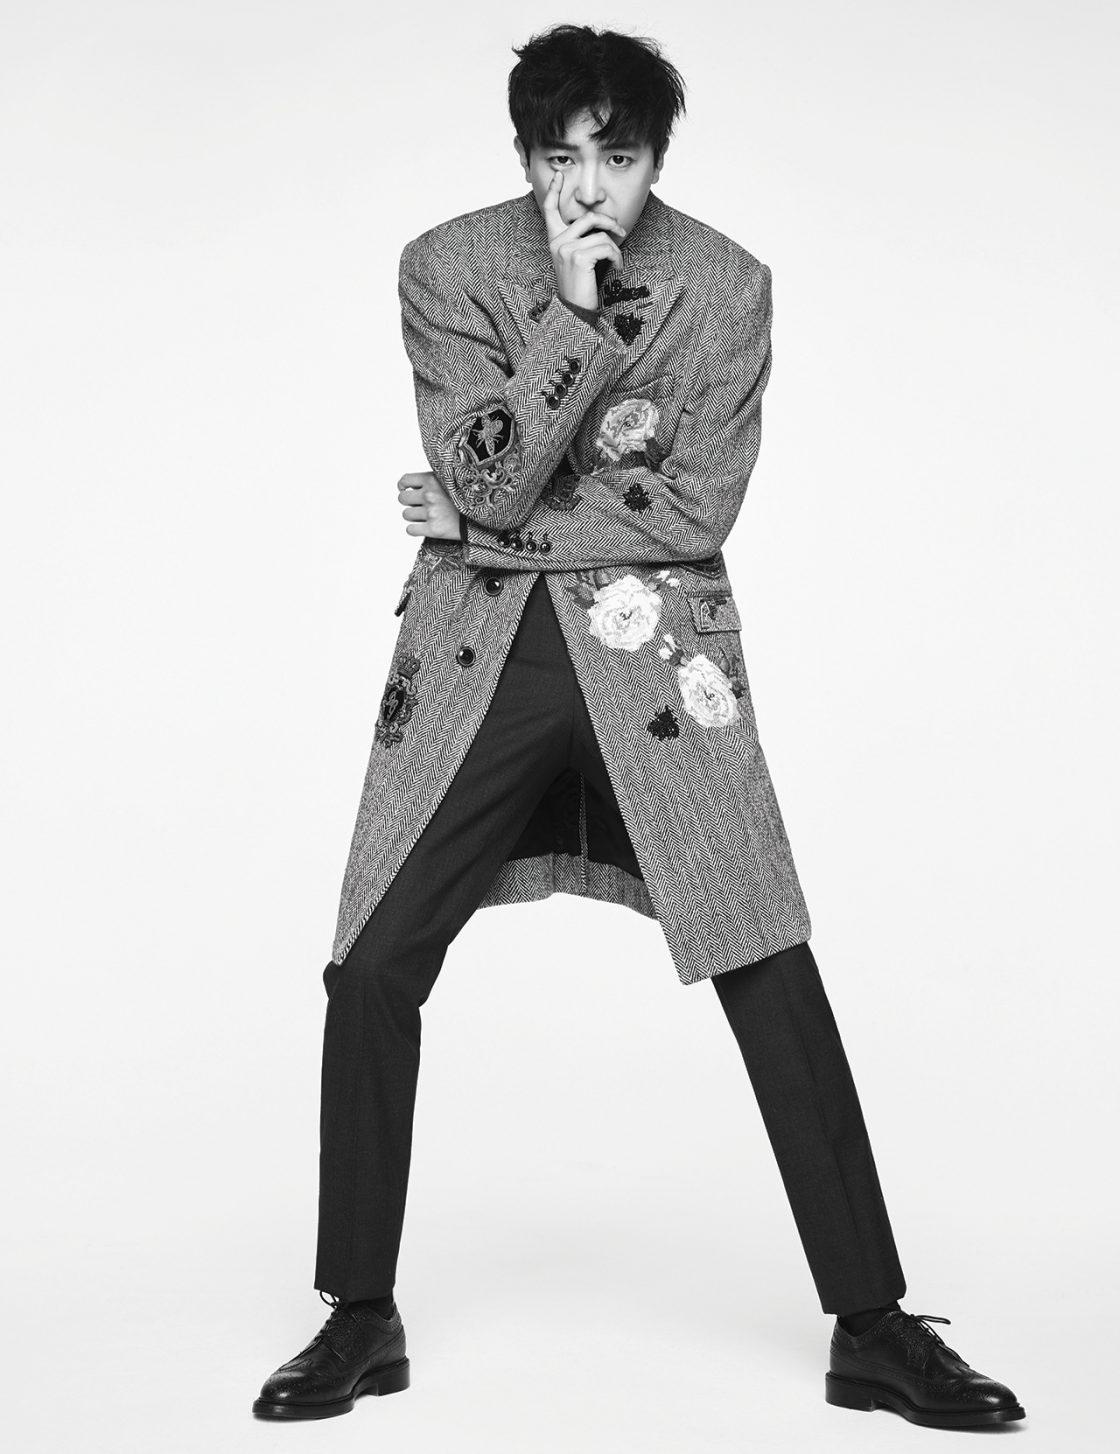 니트, 팬츠, 코트는 모두 Dolce & Gabbana, 슈즈는 Thom Browne, 양말은 스타일리스트 소장품.